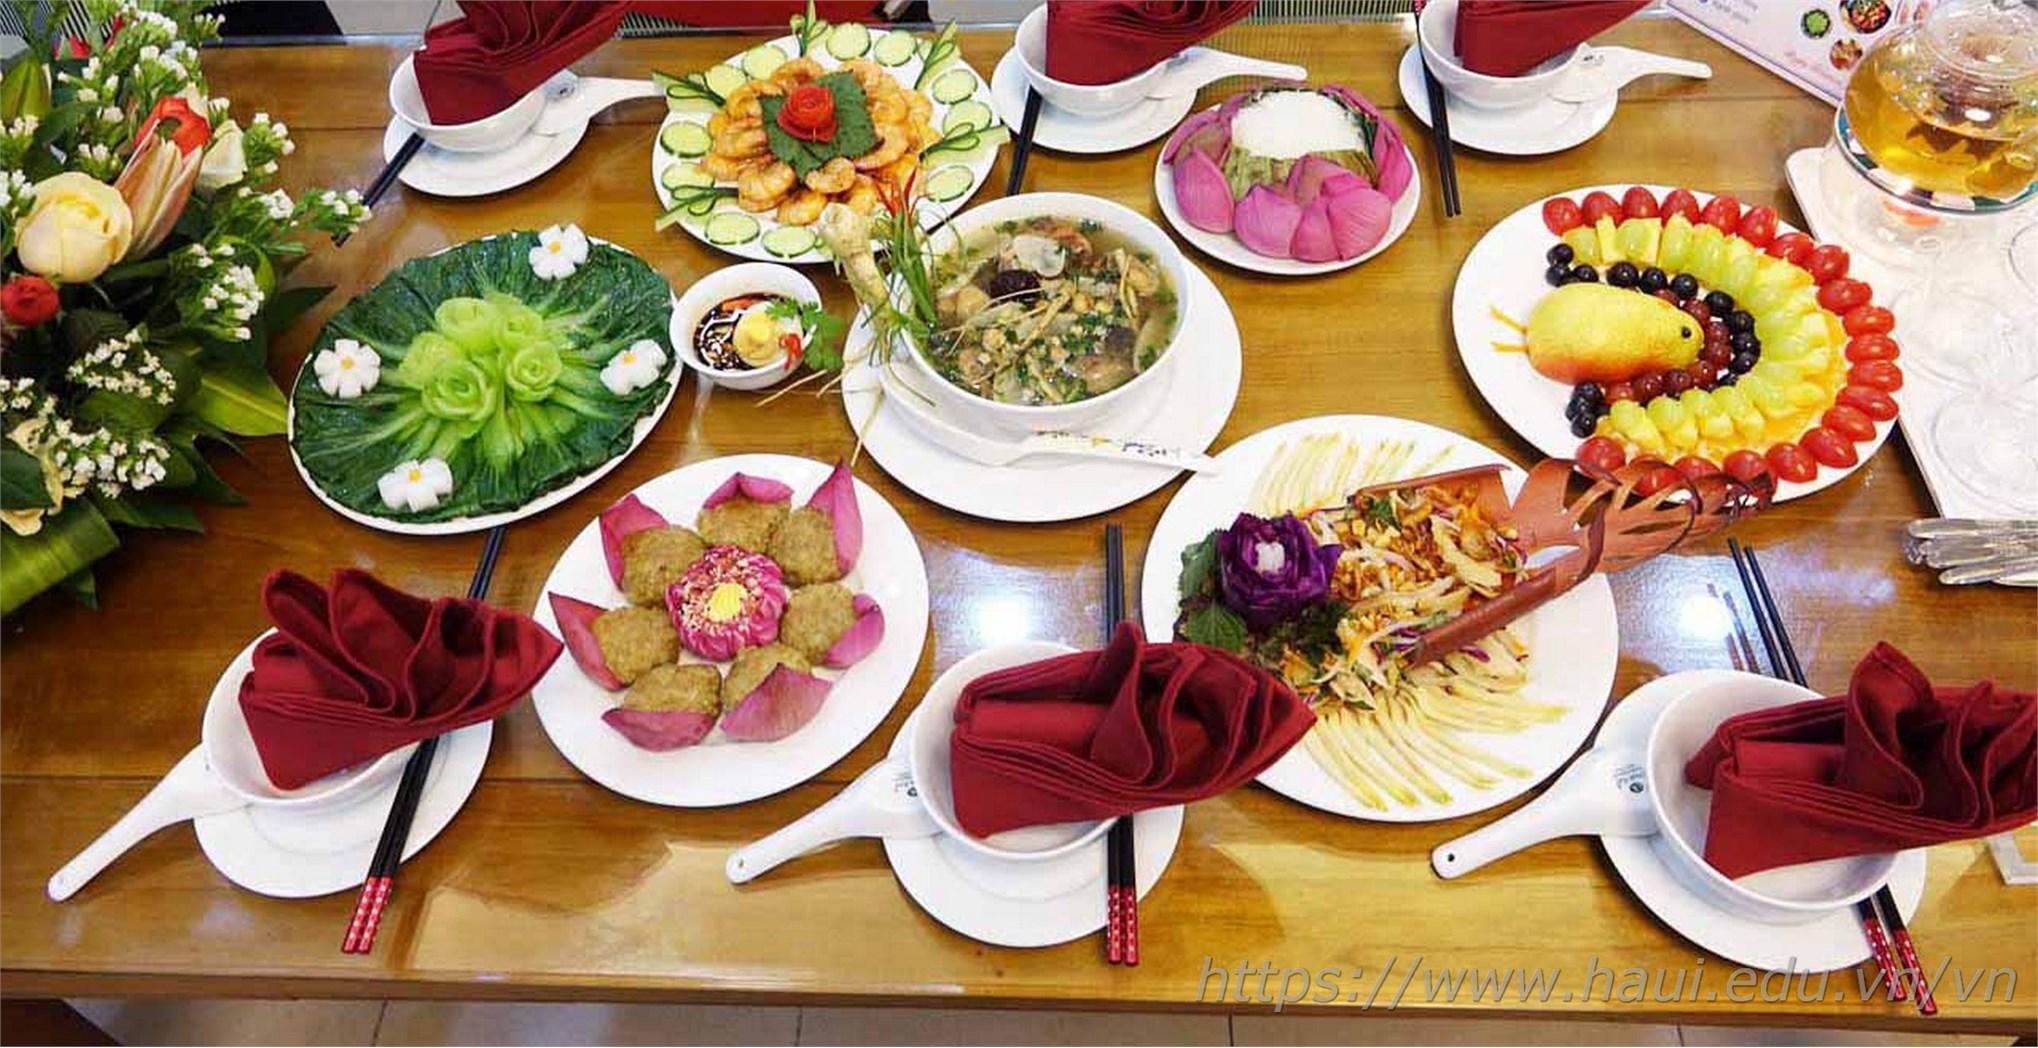 """Khoa Lý luận Chính trị - Pháp luật dành """"GIẢI NHÌ"""" hội thi nấu ăn, cắm hoa chào mừng ngày Phụ nữ Việt Nam 20-10"""